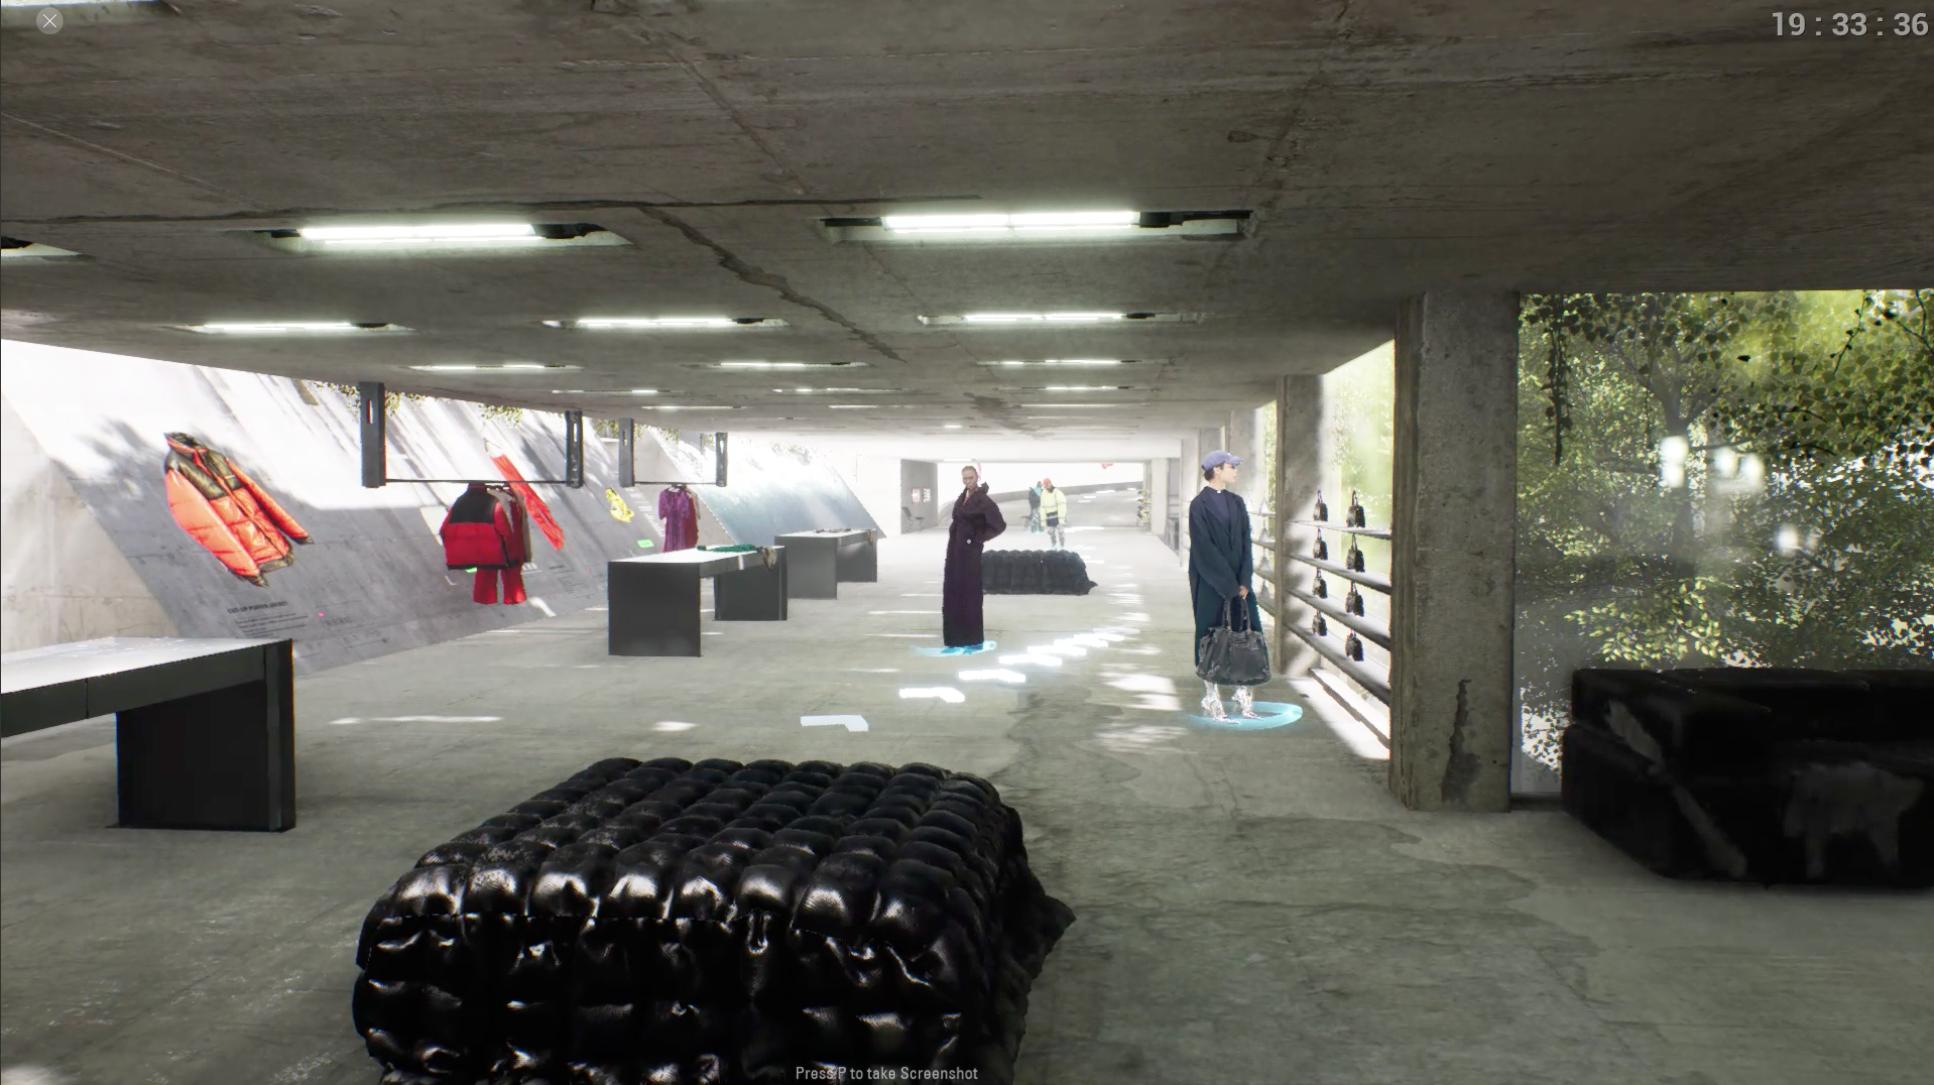 un showroom virtuel créé par balenciaga pour présenter sa nouvelle collection.